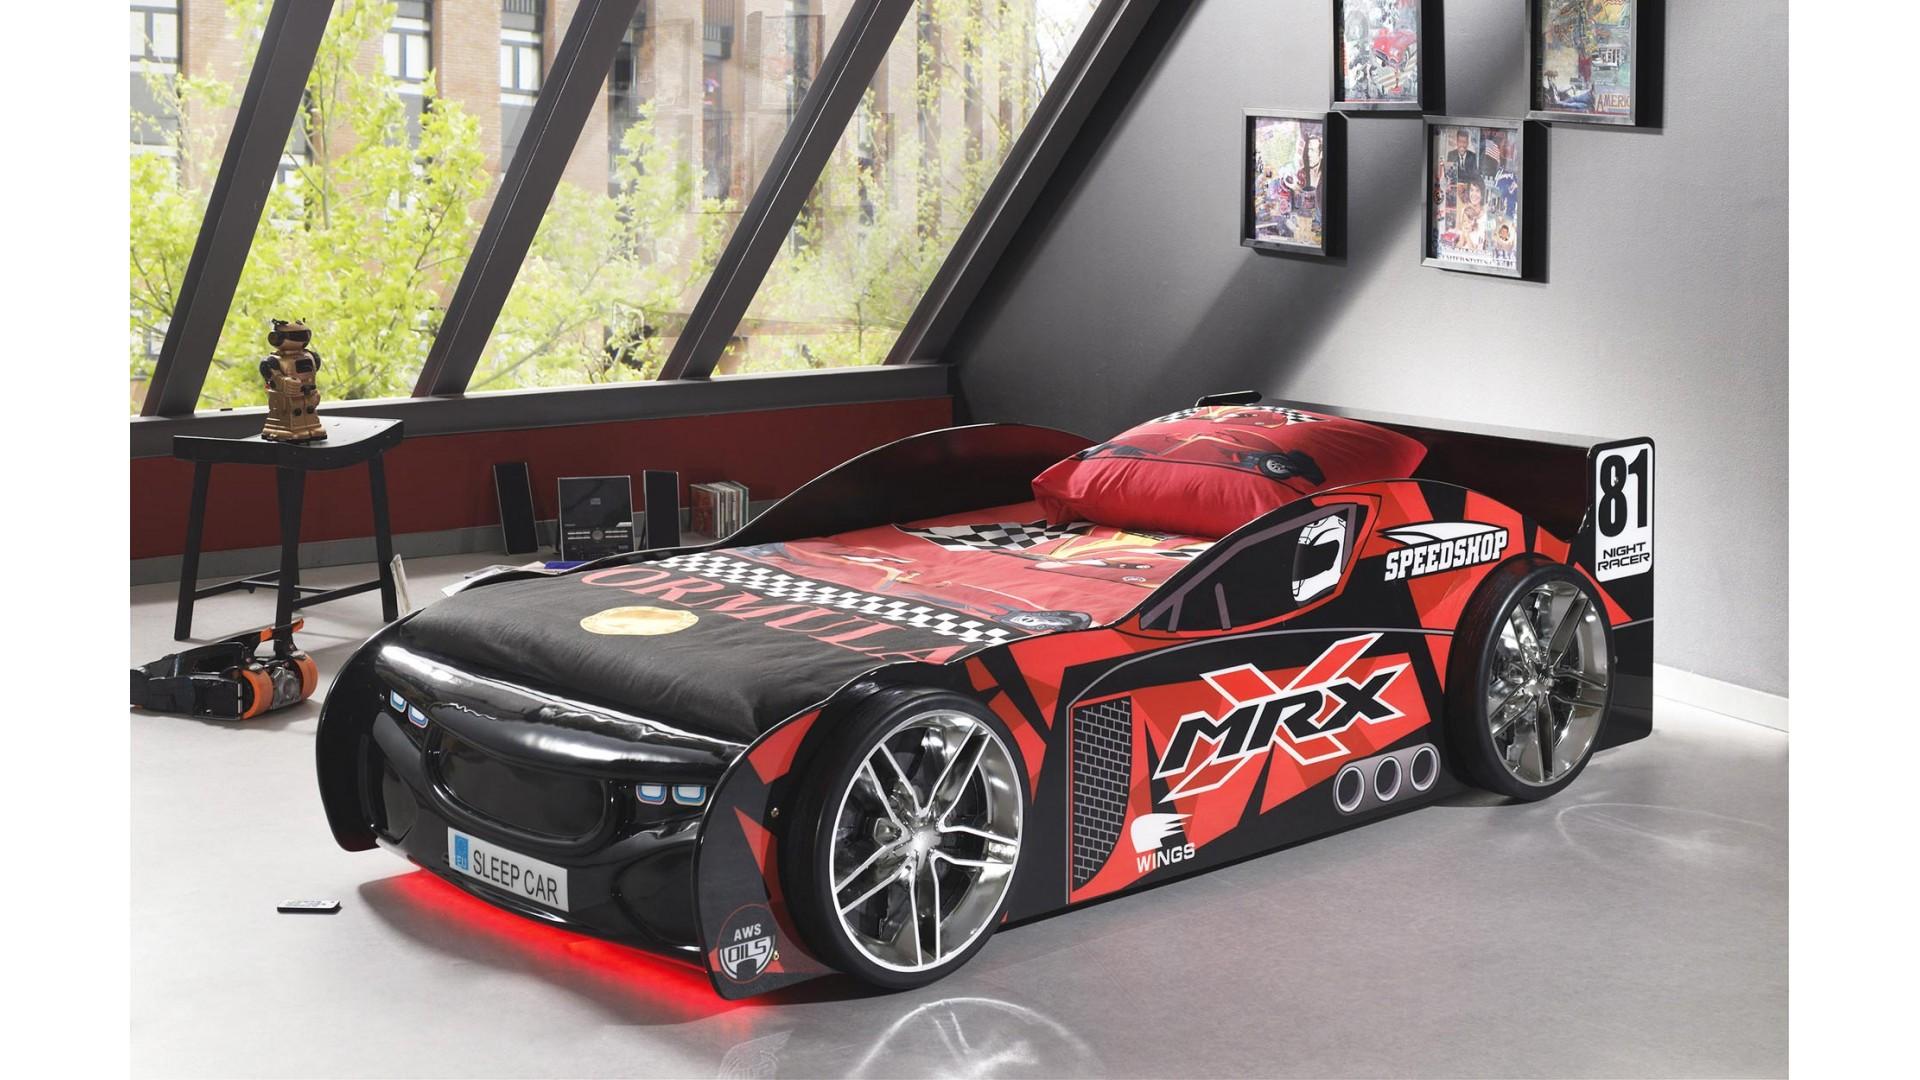 Lit voiture de course Pilote noir couchage 90 x 200 cm - SONUIT